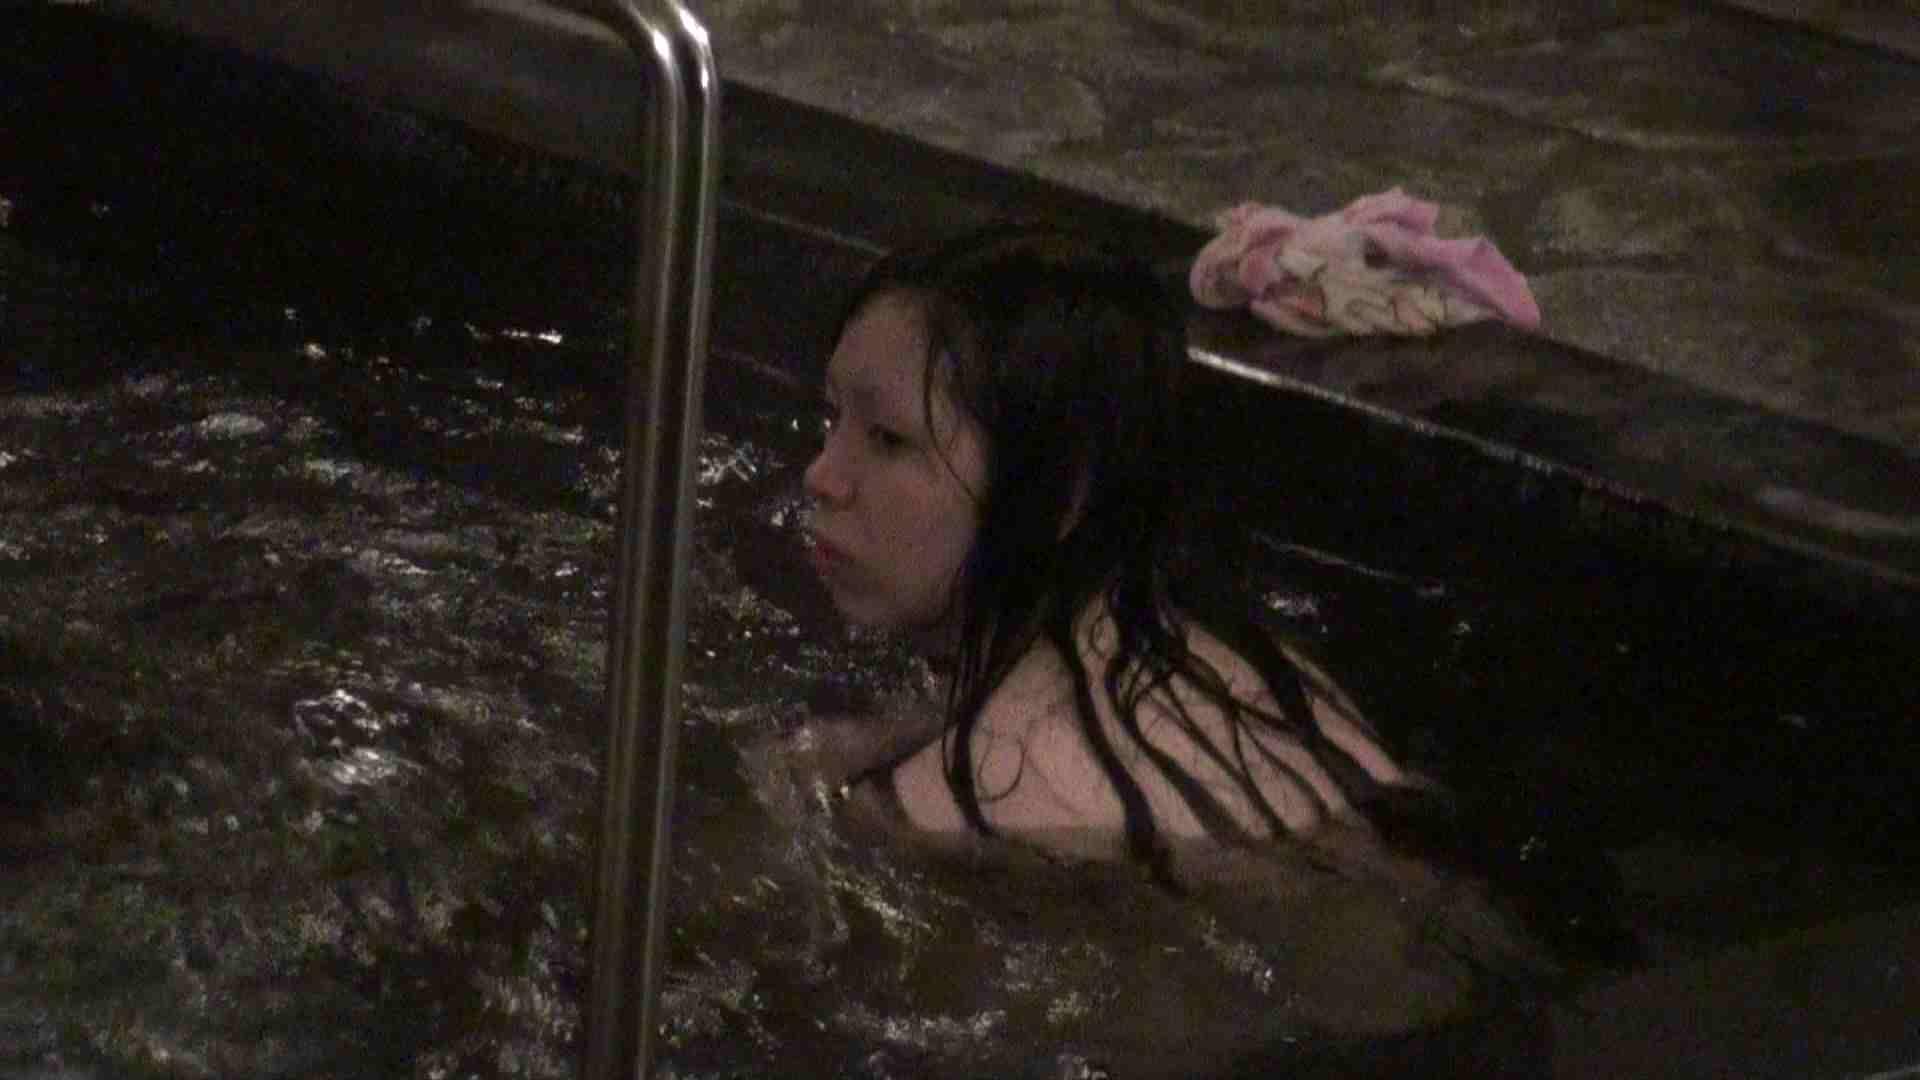 Aquaな露天風呂Vol.381 盗撮師作品 | 美しいOLの裸体  97pic 37